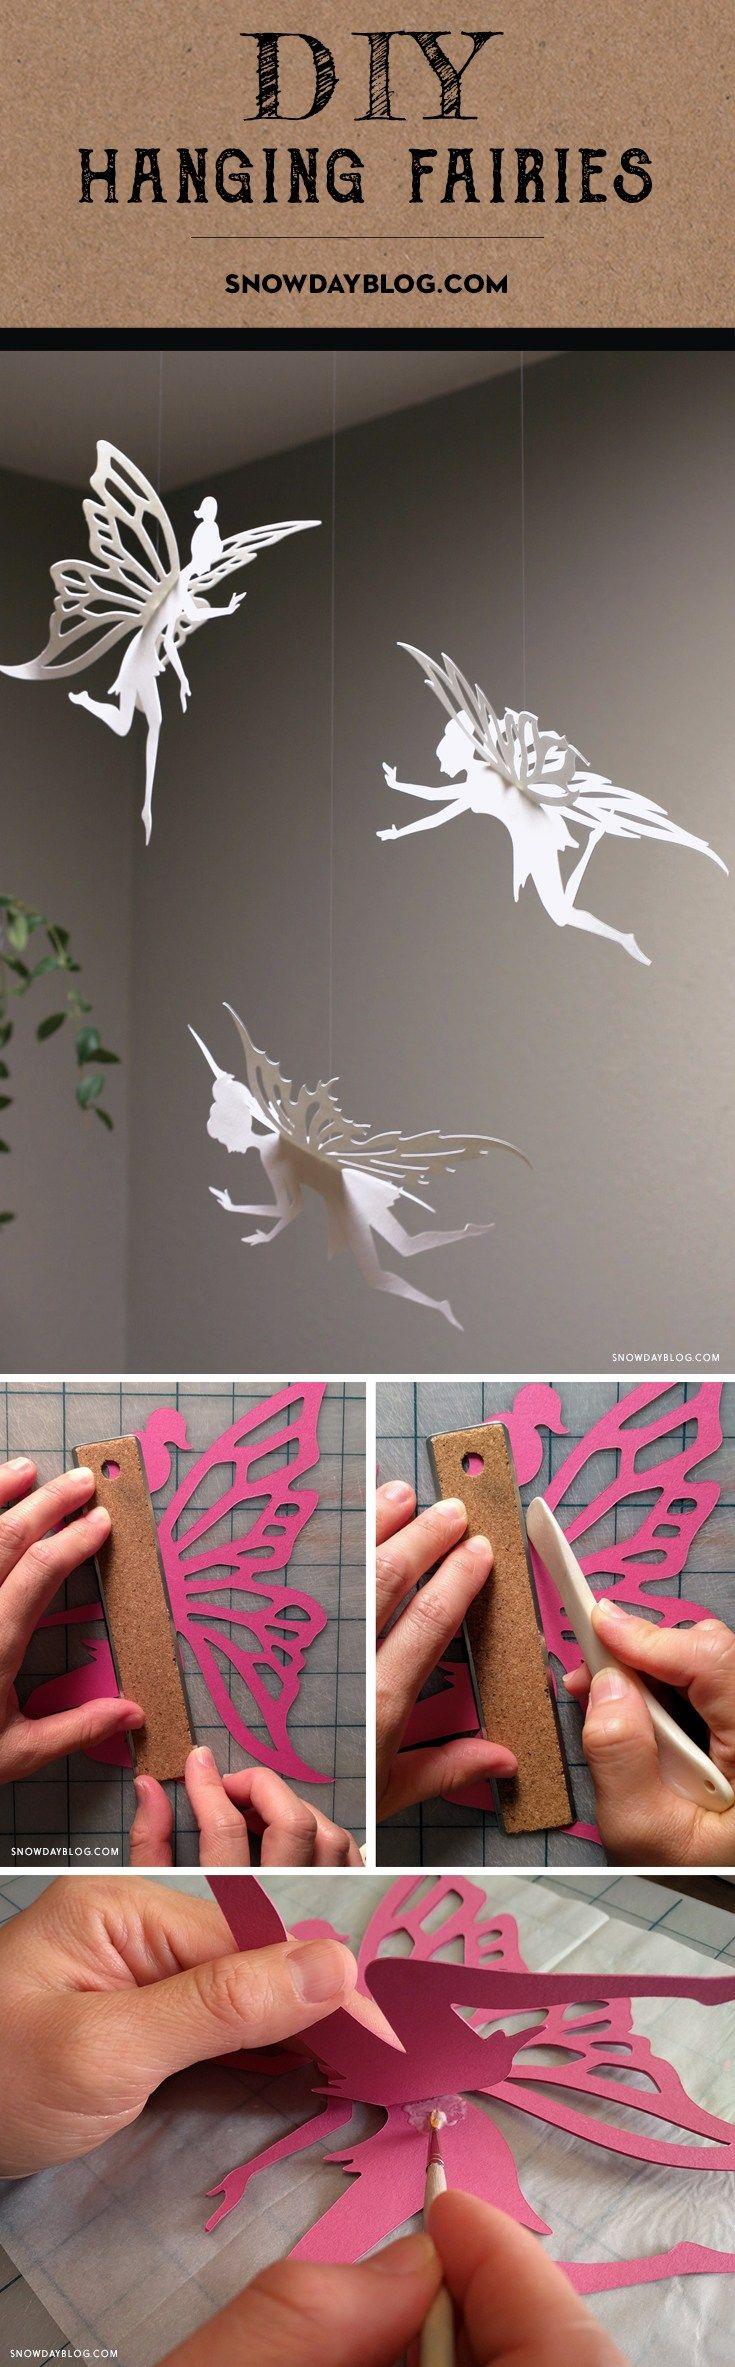 Photo of DIY Hanging Fairies » DIY Tutorials Of Unique Paper Crafts